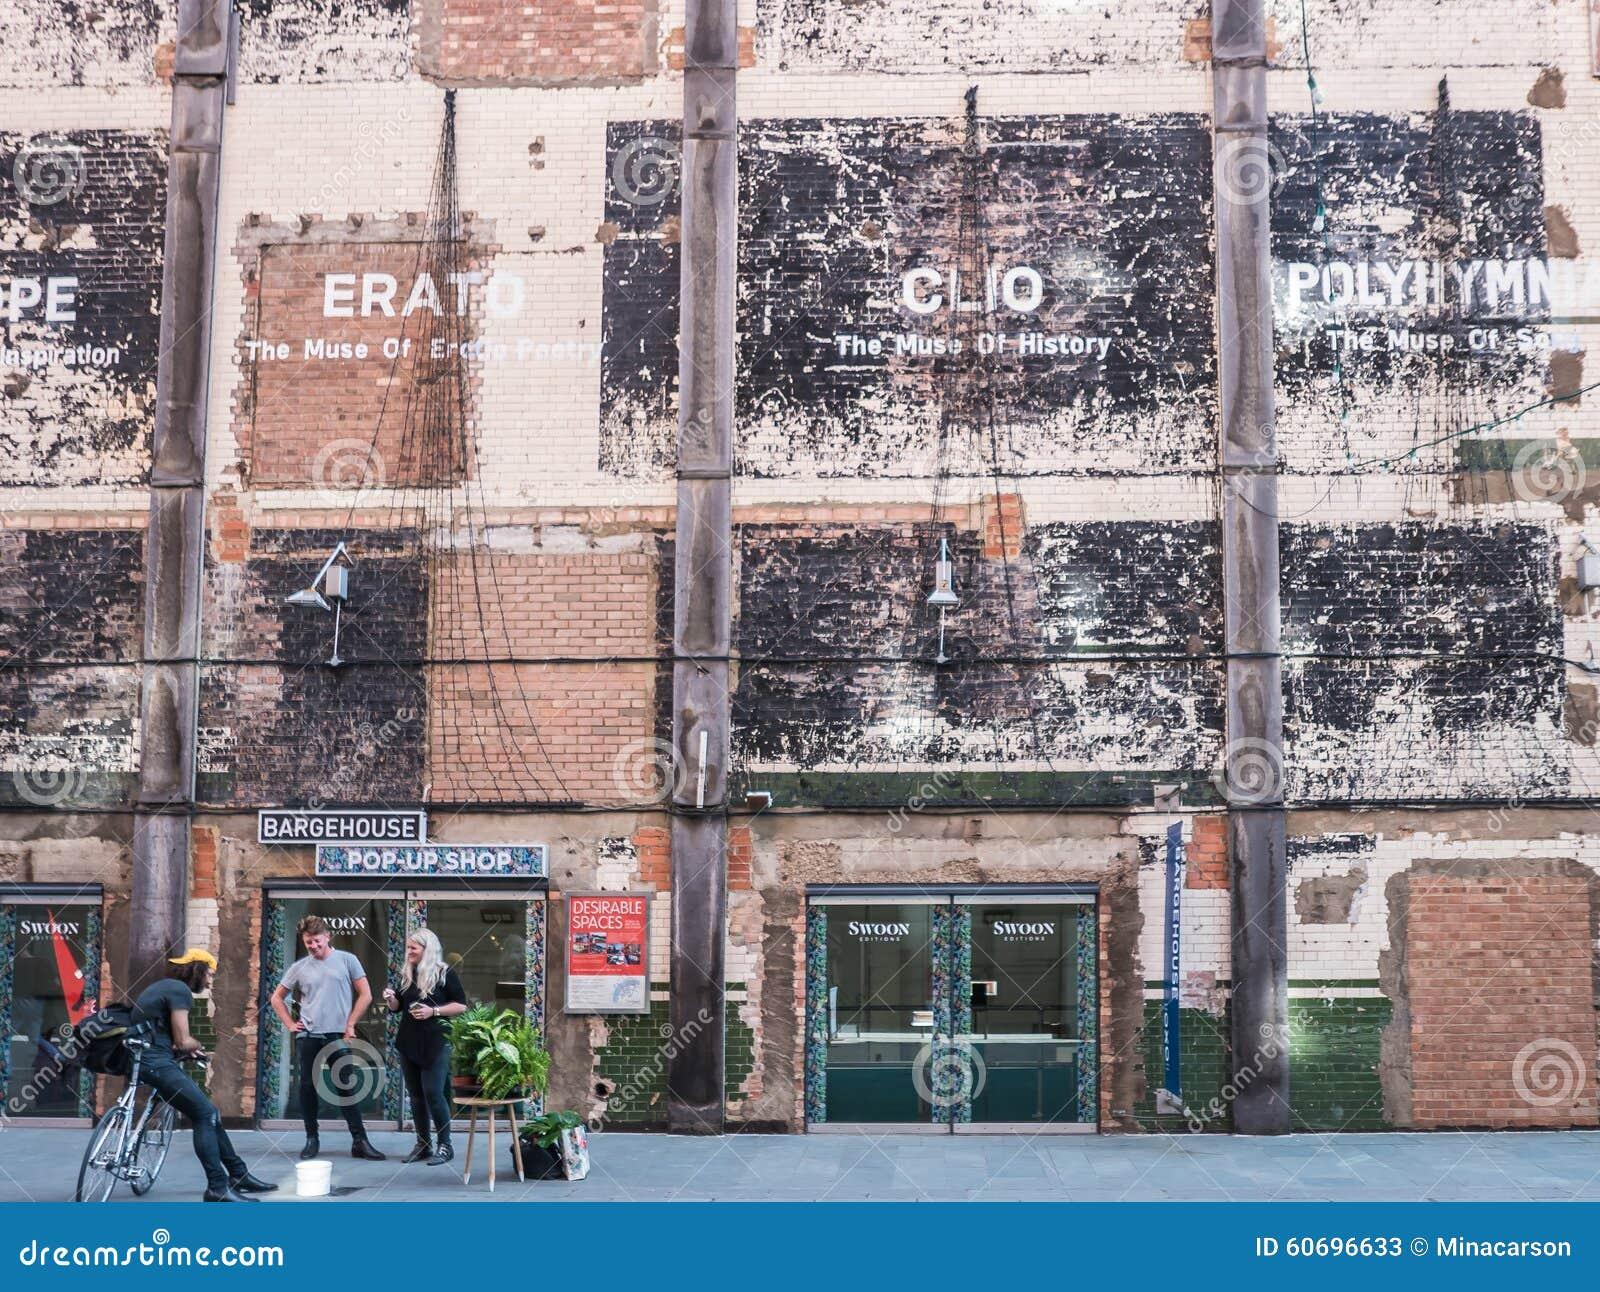 brick chat Midland brick coursing chartfor all enquiries telephone 13 15 40 web wwwmidlandbrickcomau email midlandbrick@boralcomau.